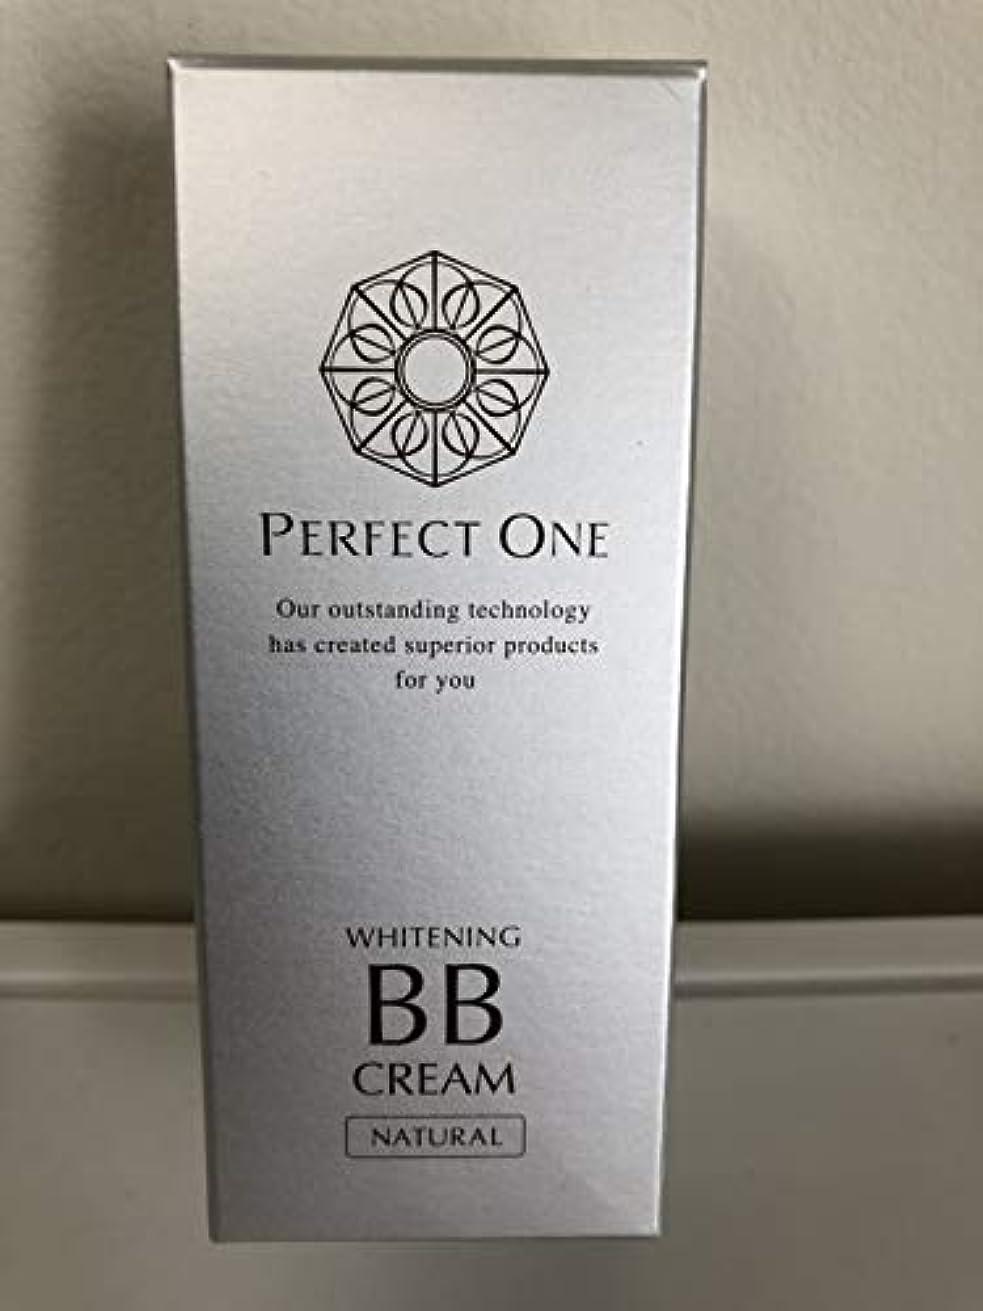 予想する震えなめらかな新日本製薬 パーフェクトワン 薬用ホワイトニングBBクリーム ナチュラル 25g